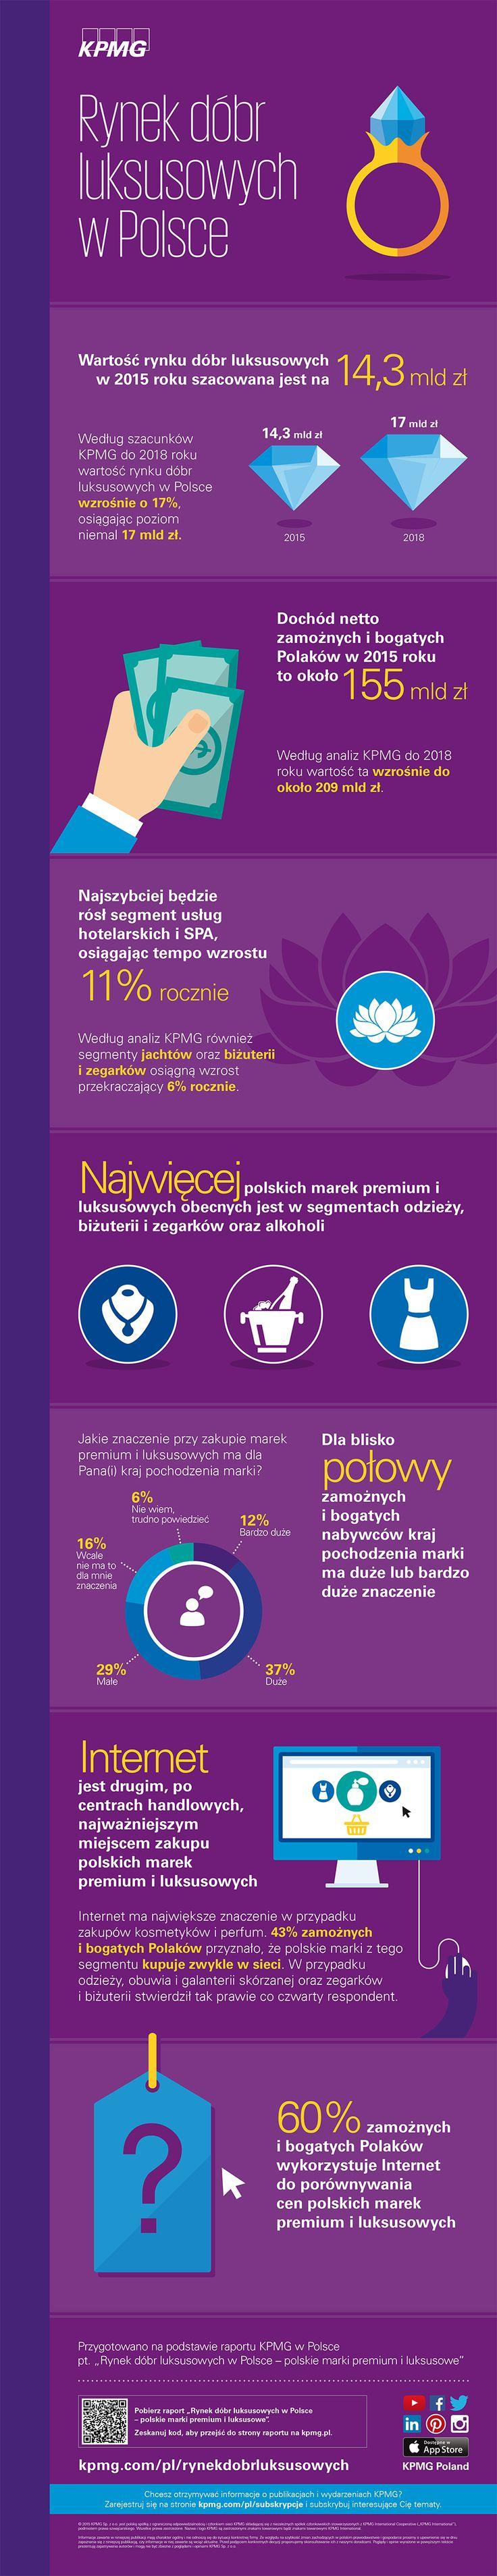 Rynek dóbr luksusowych w Polsce. Polskie marki premium i luksusowe. Edycja 2015.  #luksus, #luxury, #Polska, #Poland, #KPMG